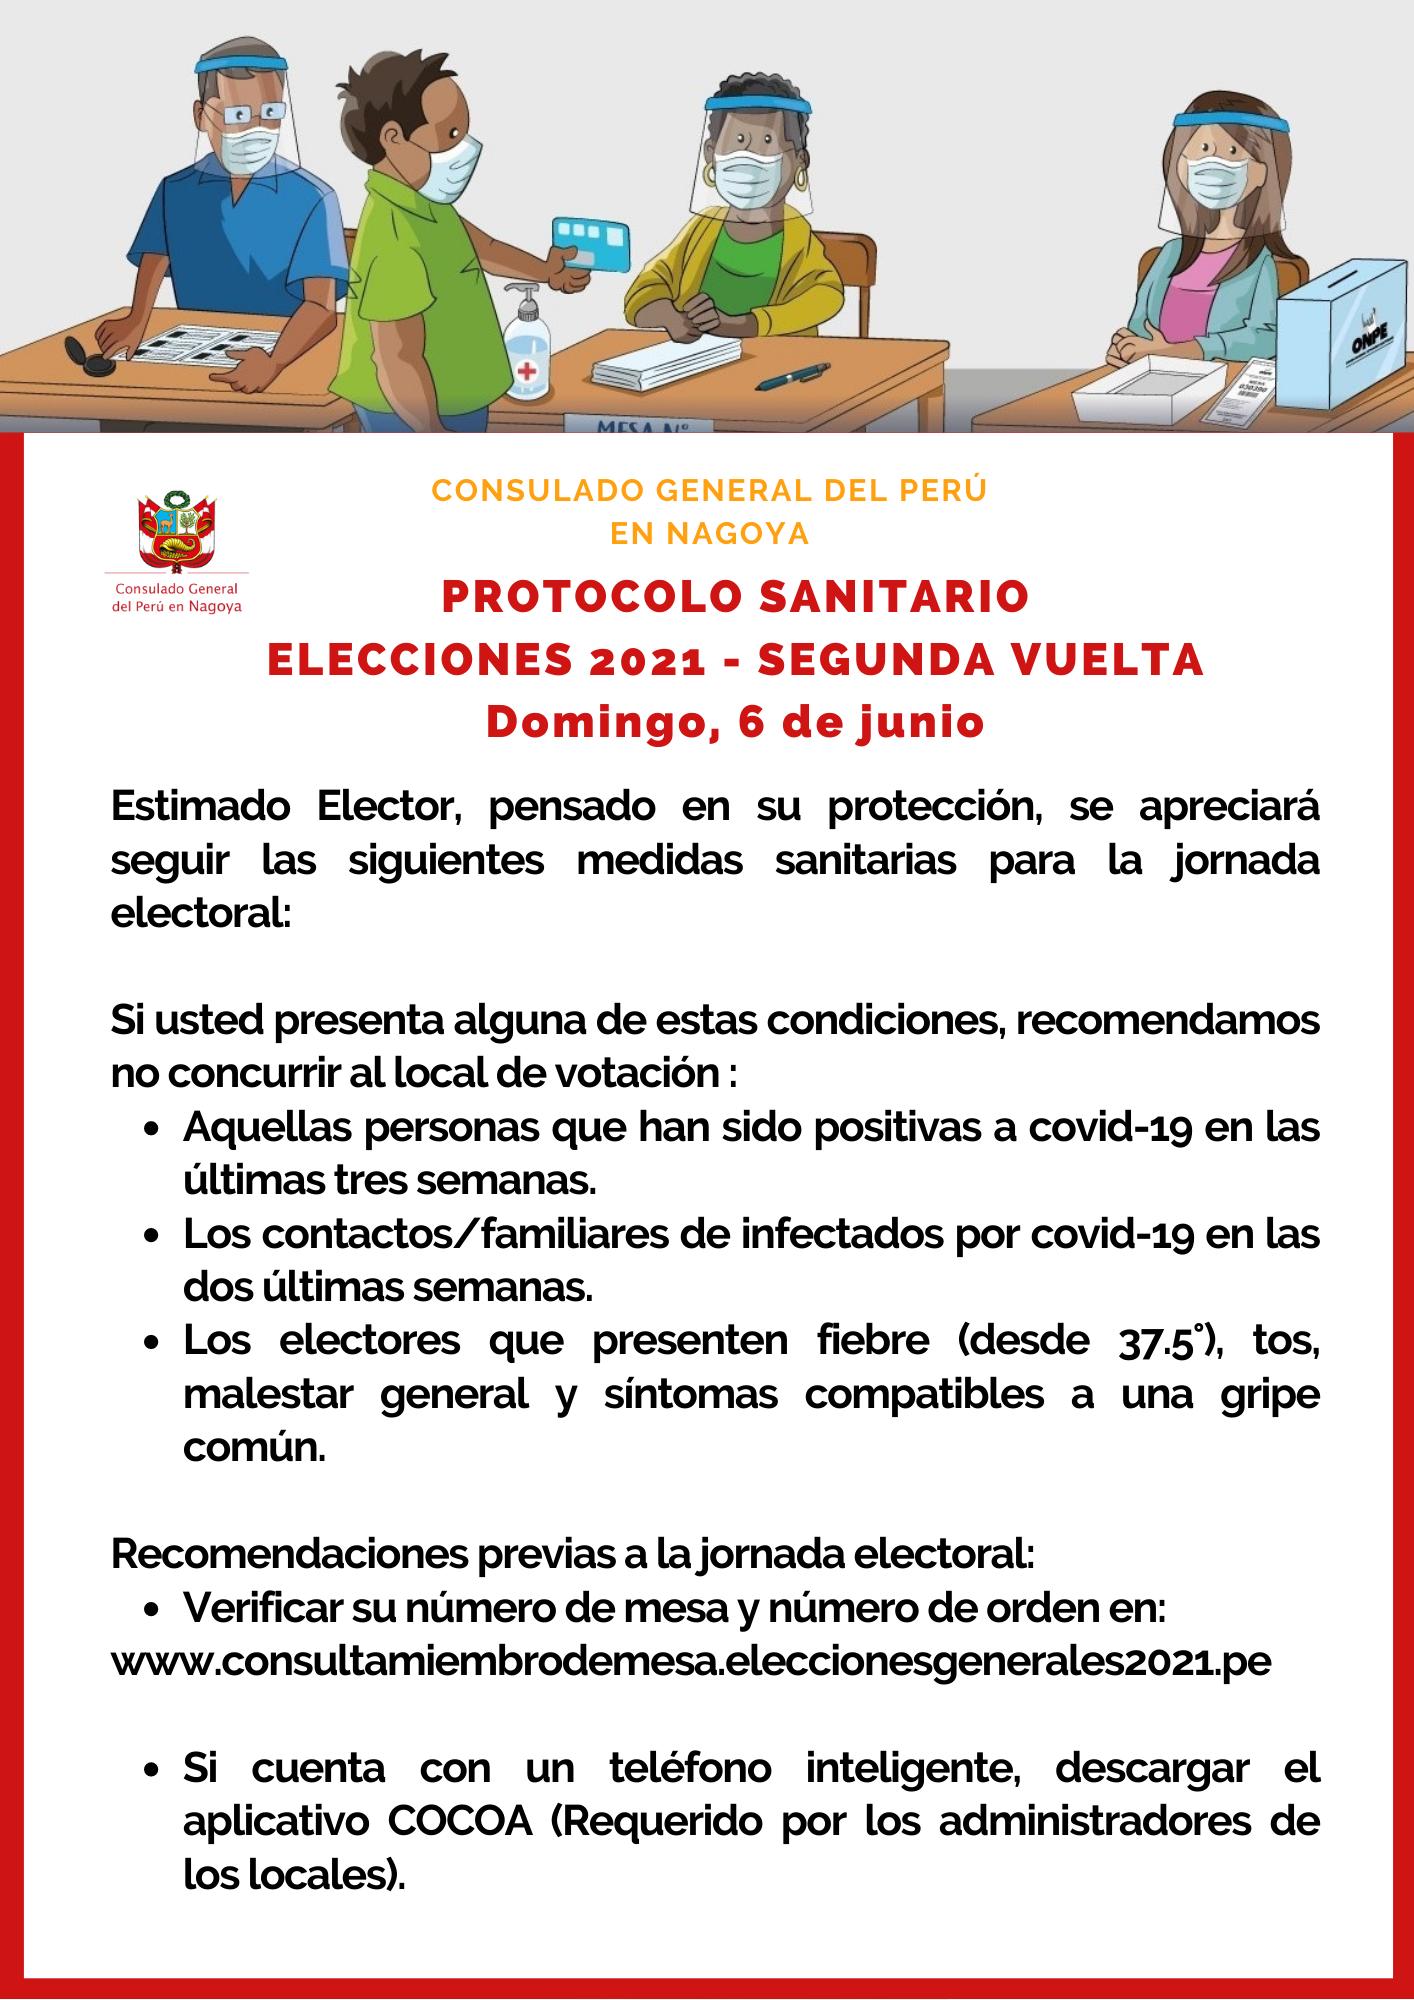 &nbspProtocolo Sanitario Elecciones 2021-Perú